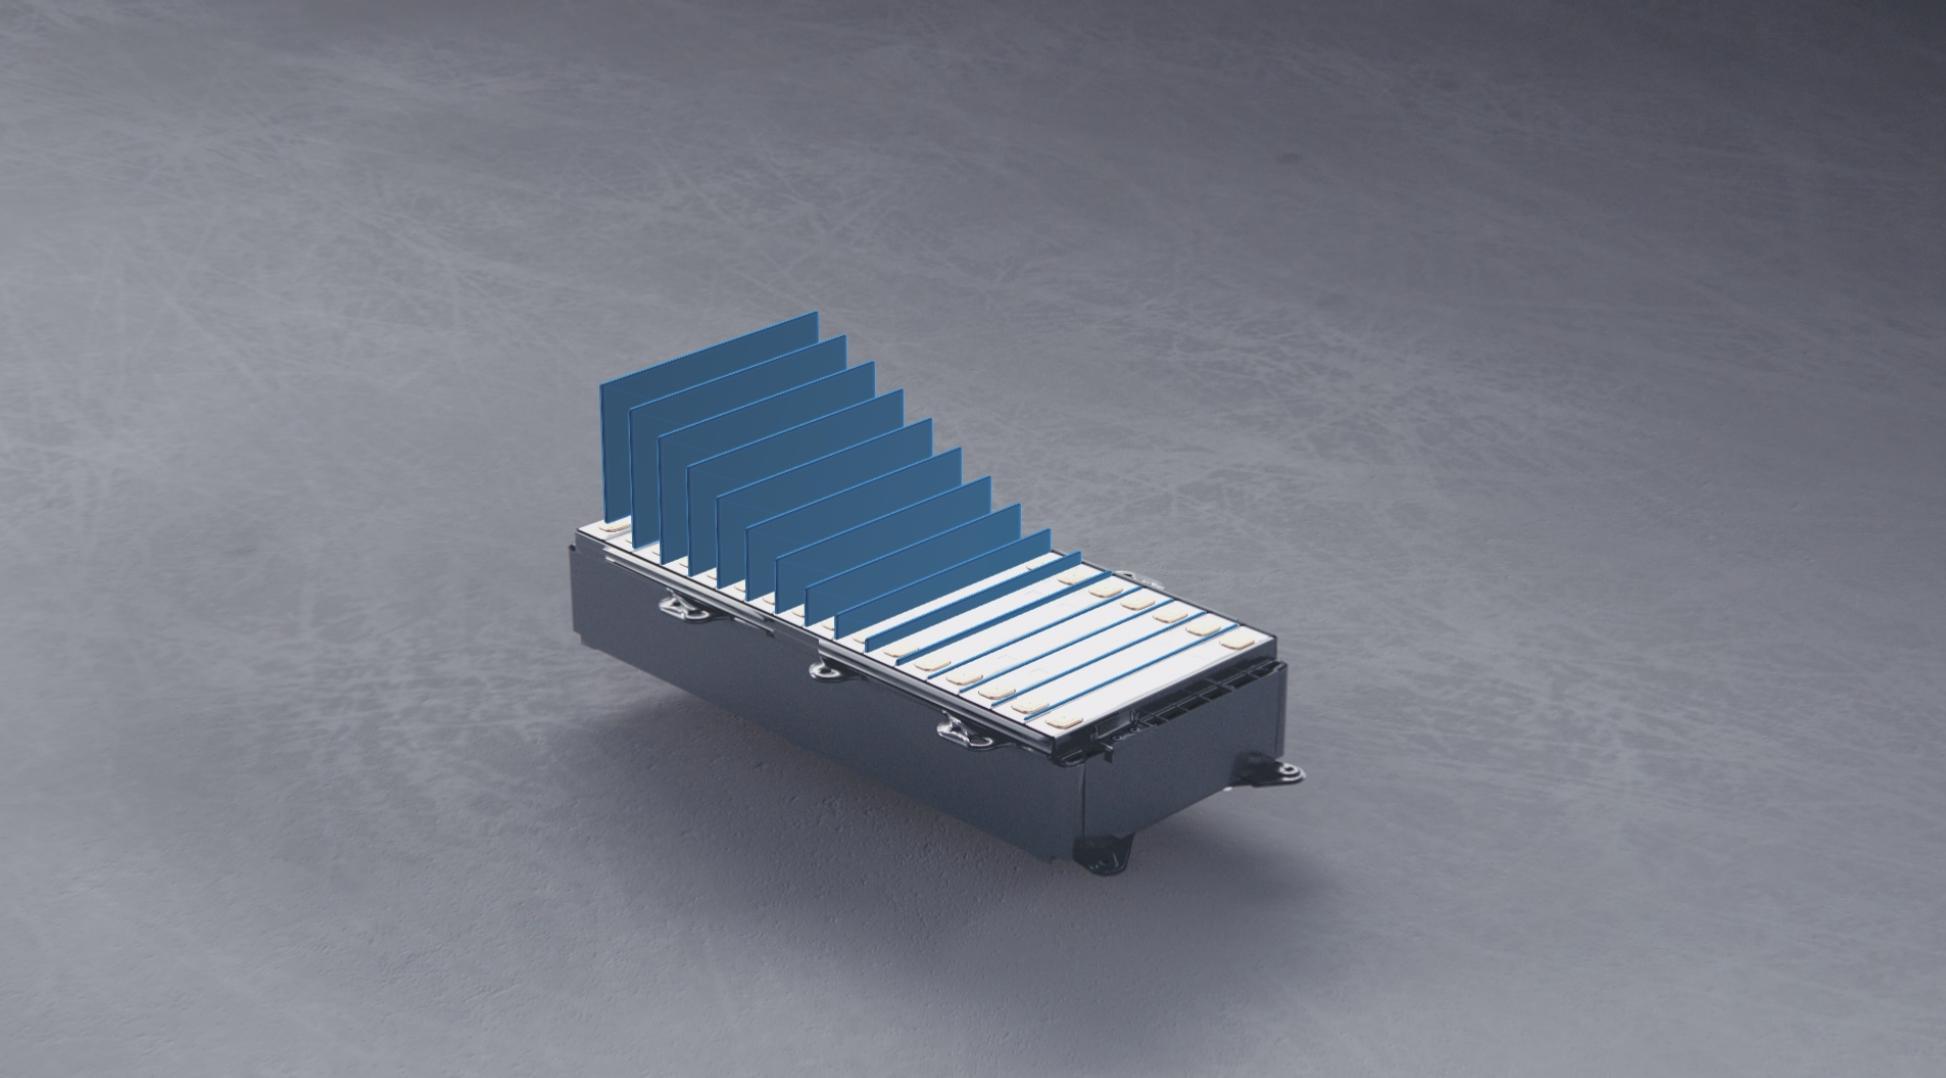 Ultium平台电池电芯之间采用纳米级航天材料气凝胶来隔热